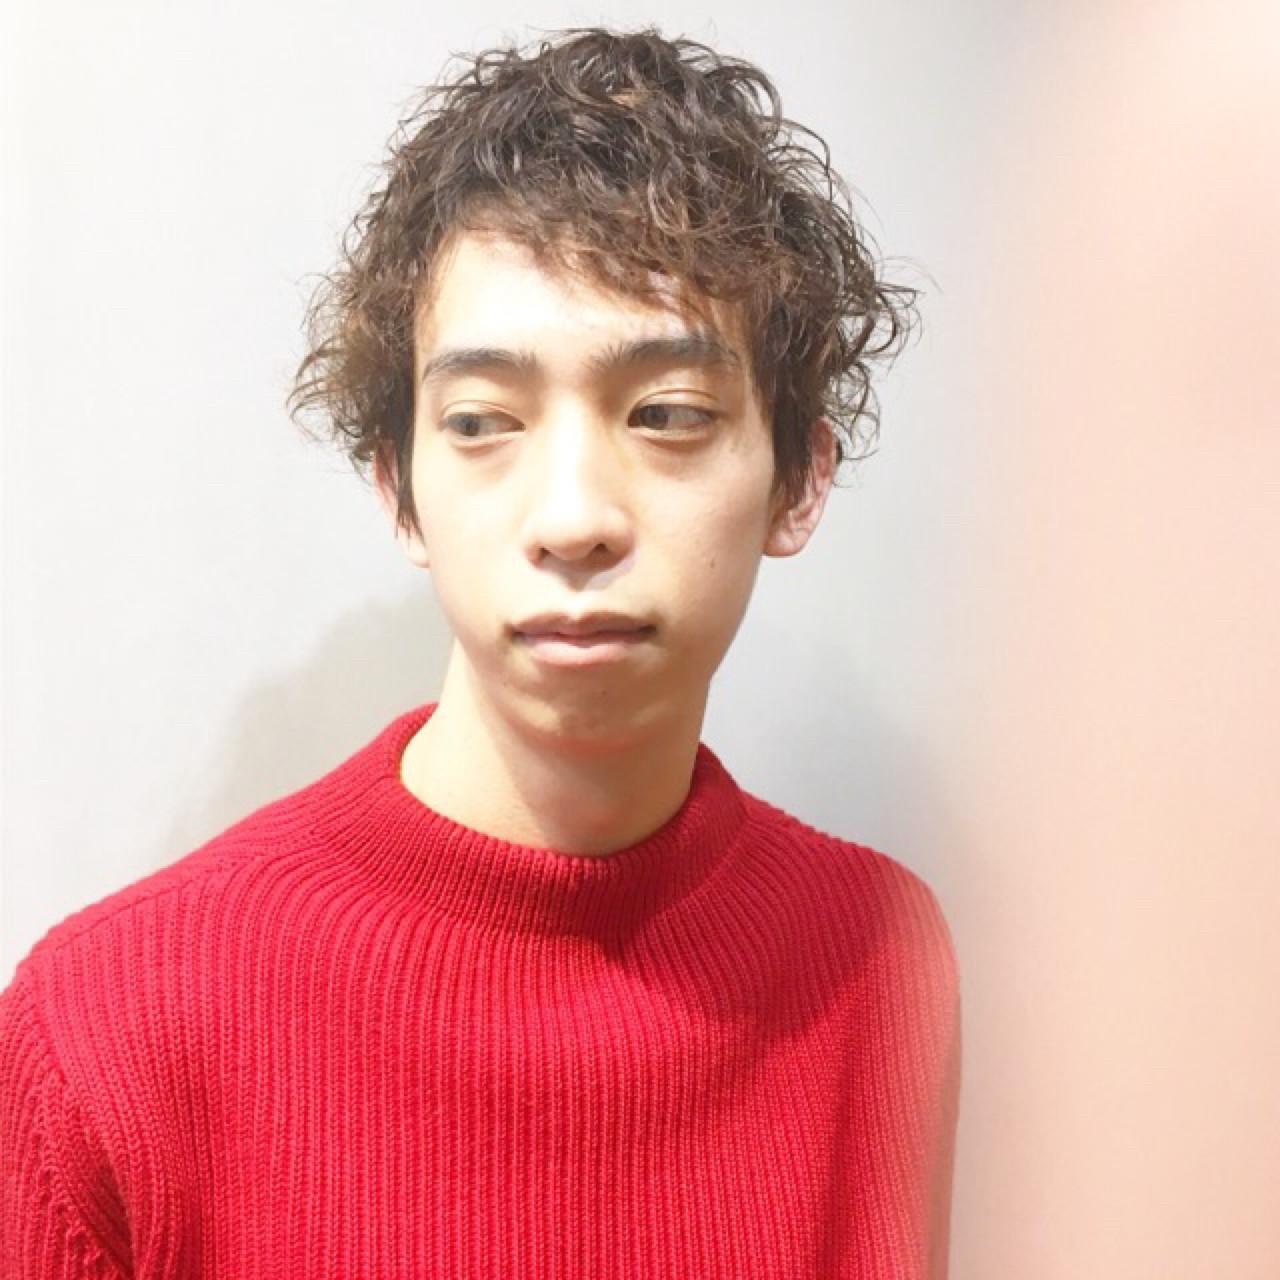 外ハネ こなれ感 ナチュラル ワイドバング ヘアスタイルや髪型の写真・画像 | COM PASS 太一 / COM PASS